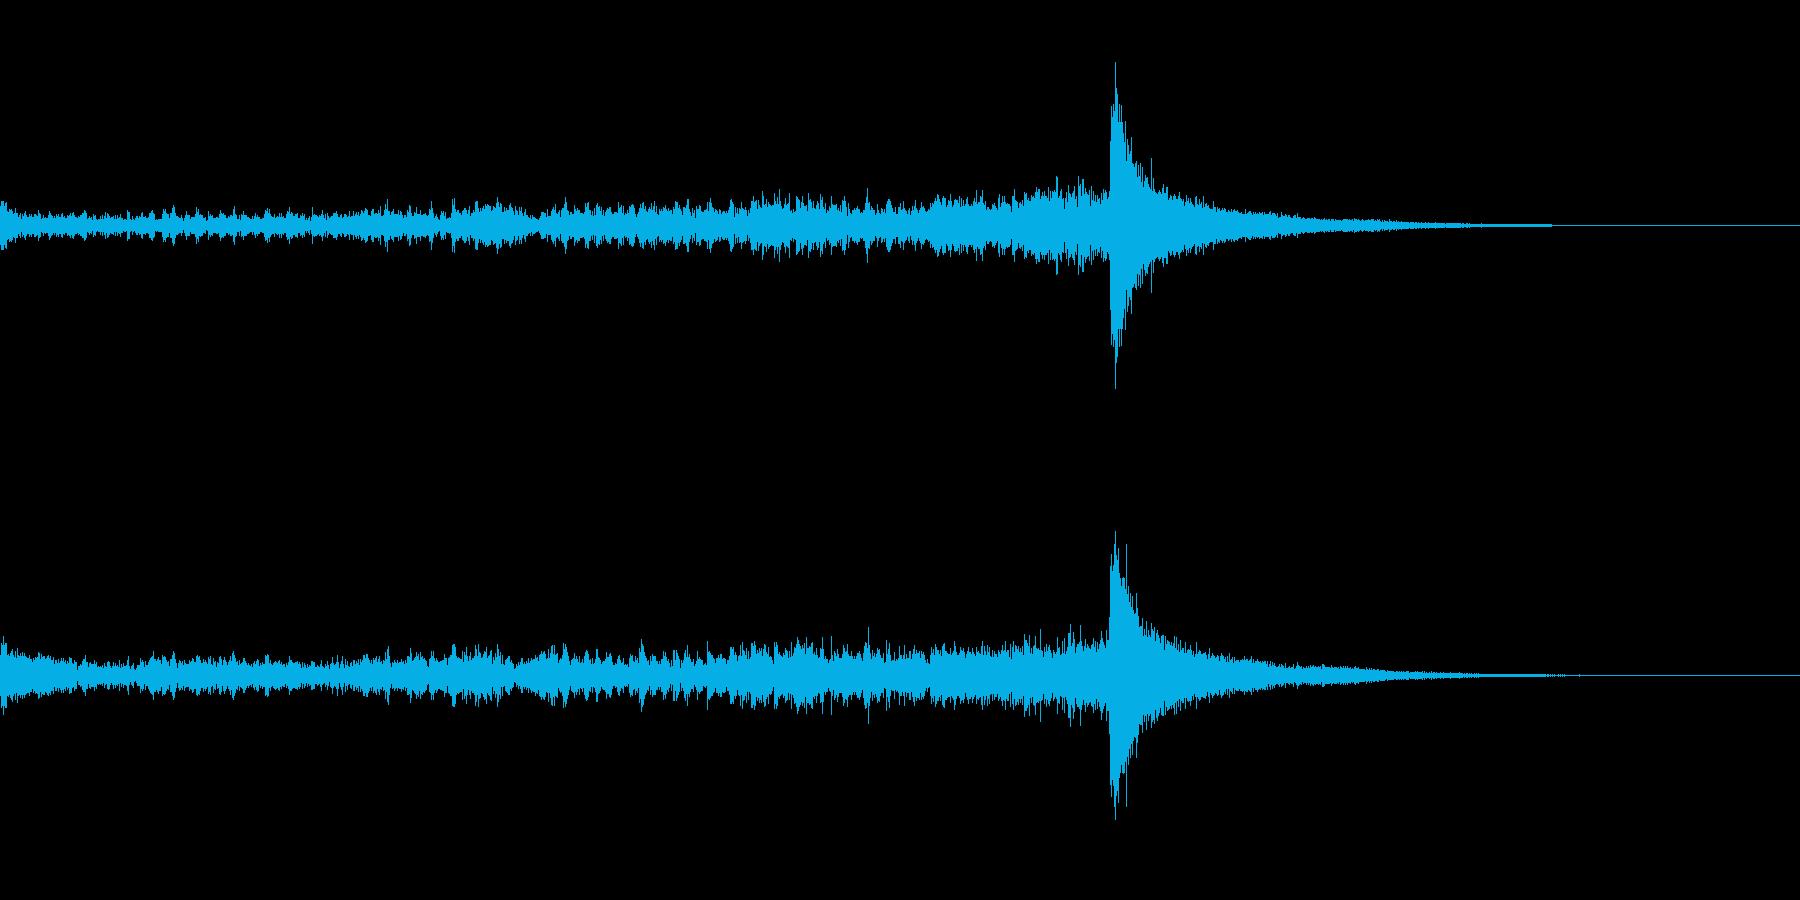 ティンパニーロール長+シンバル☆ドン2の再生済みの波形